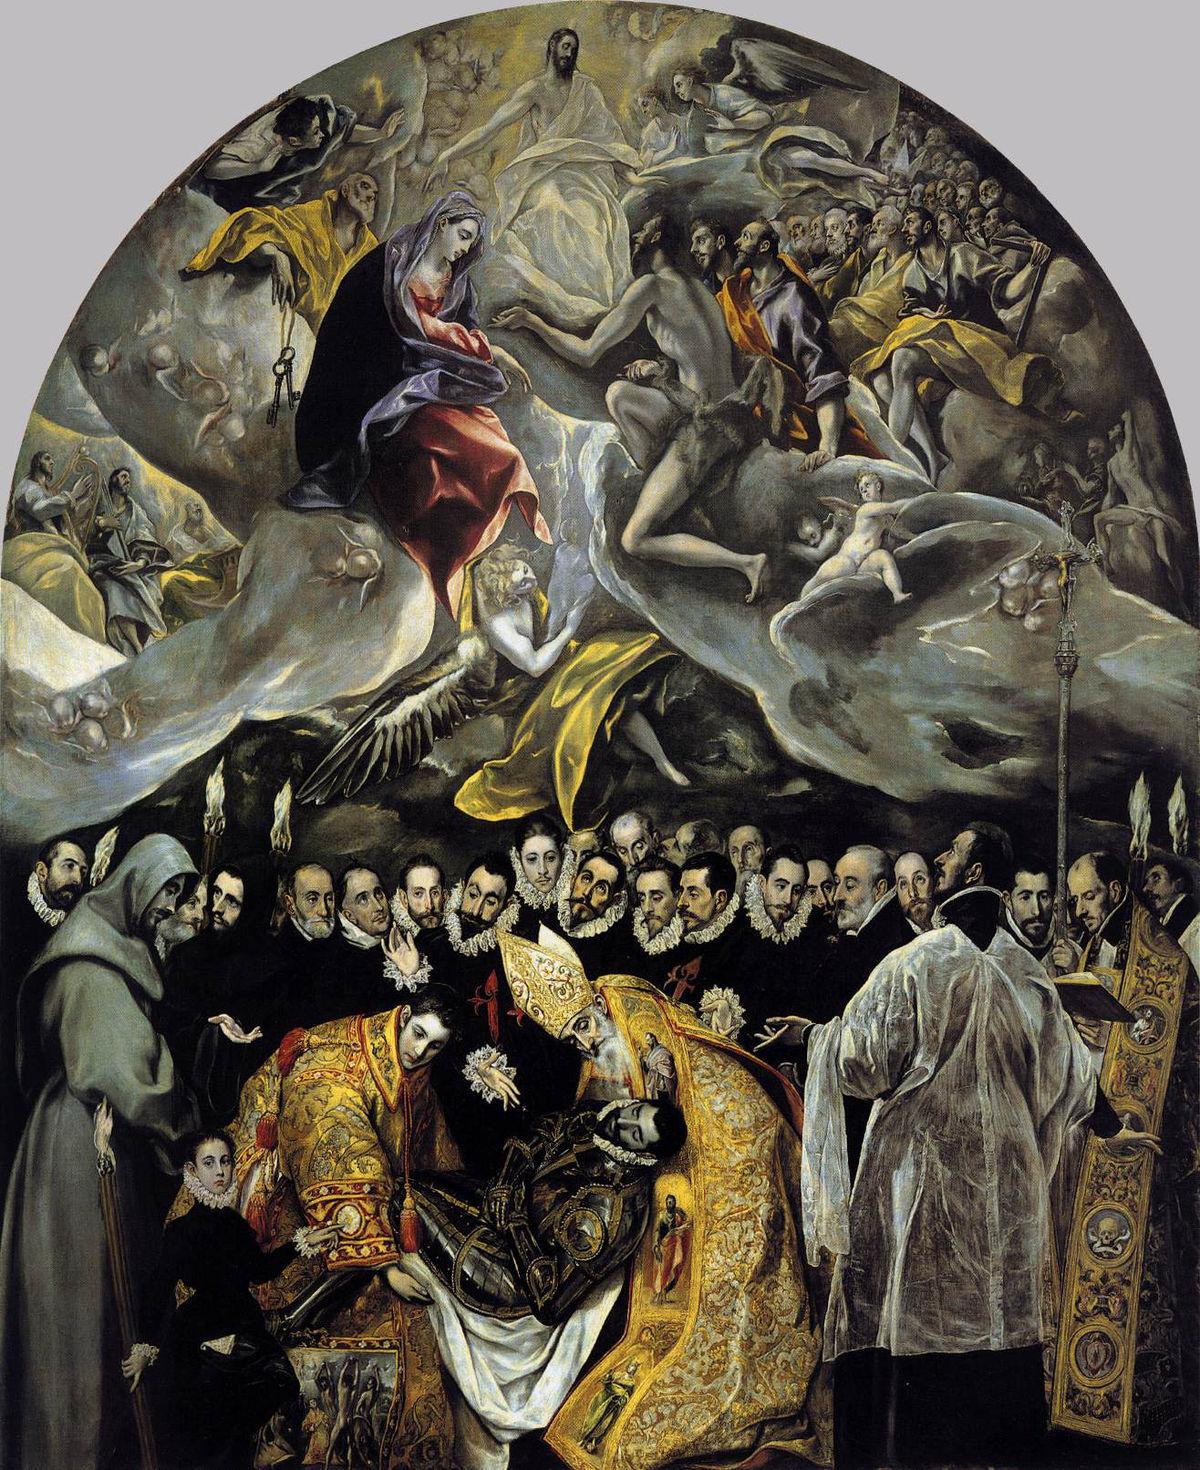 Enterrement Du Comte D Orgaz : enterrement, comte, orgaz, L'Enterrement, Comte, D'Orgaz, Wikipédia